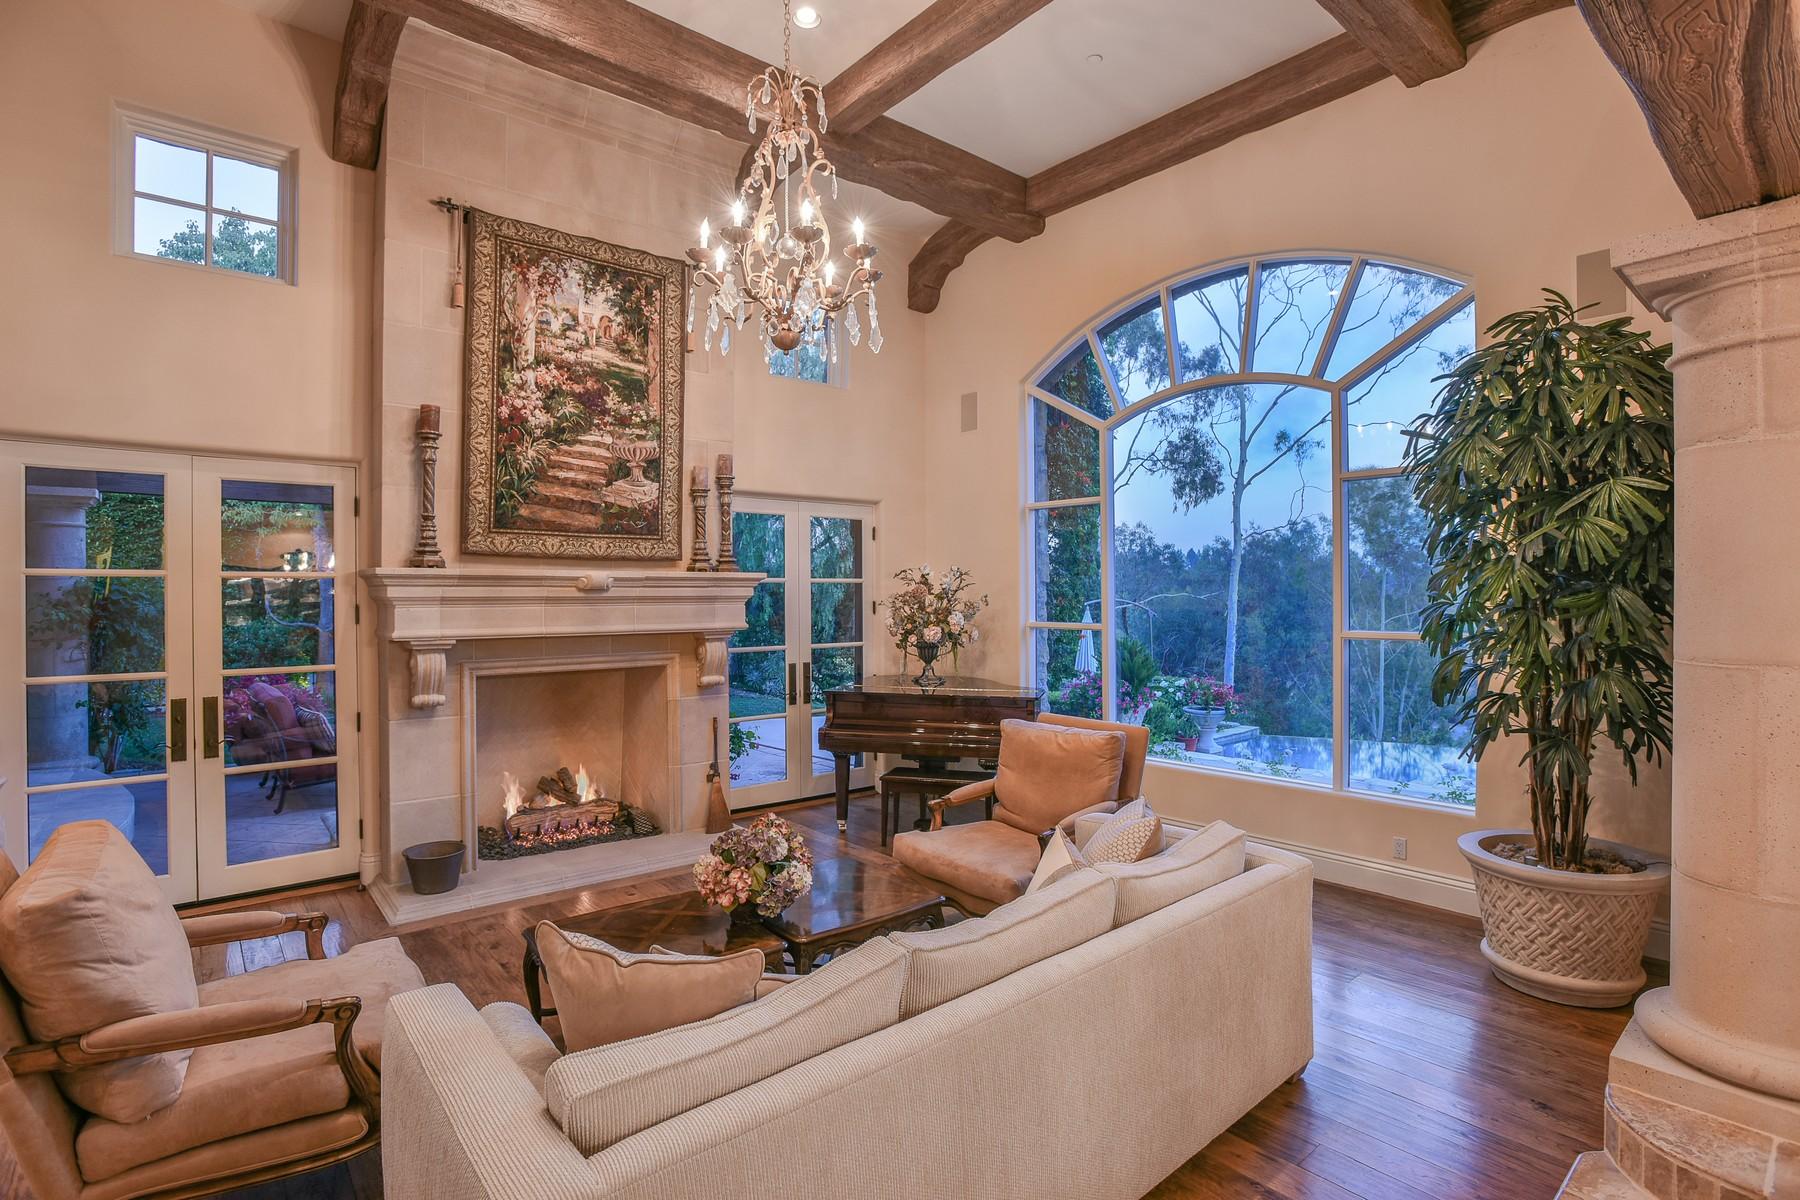 一戸建て のために 売買 アット 18356 Calle La Serra Rancho Santa Fe, カリフォルニア, 92067 アメリカ合衆国